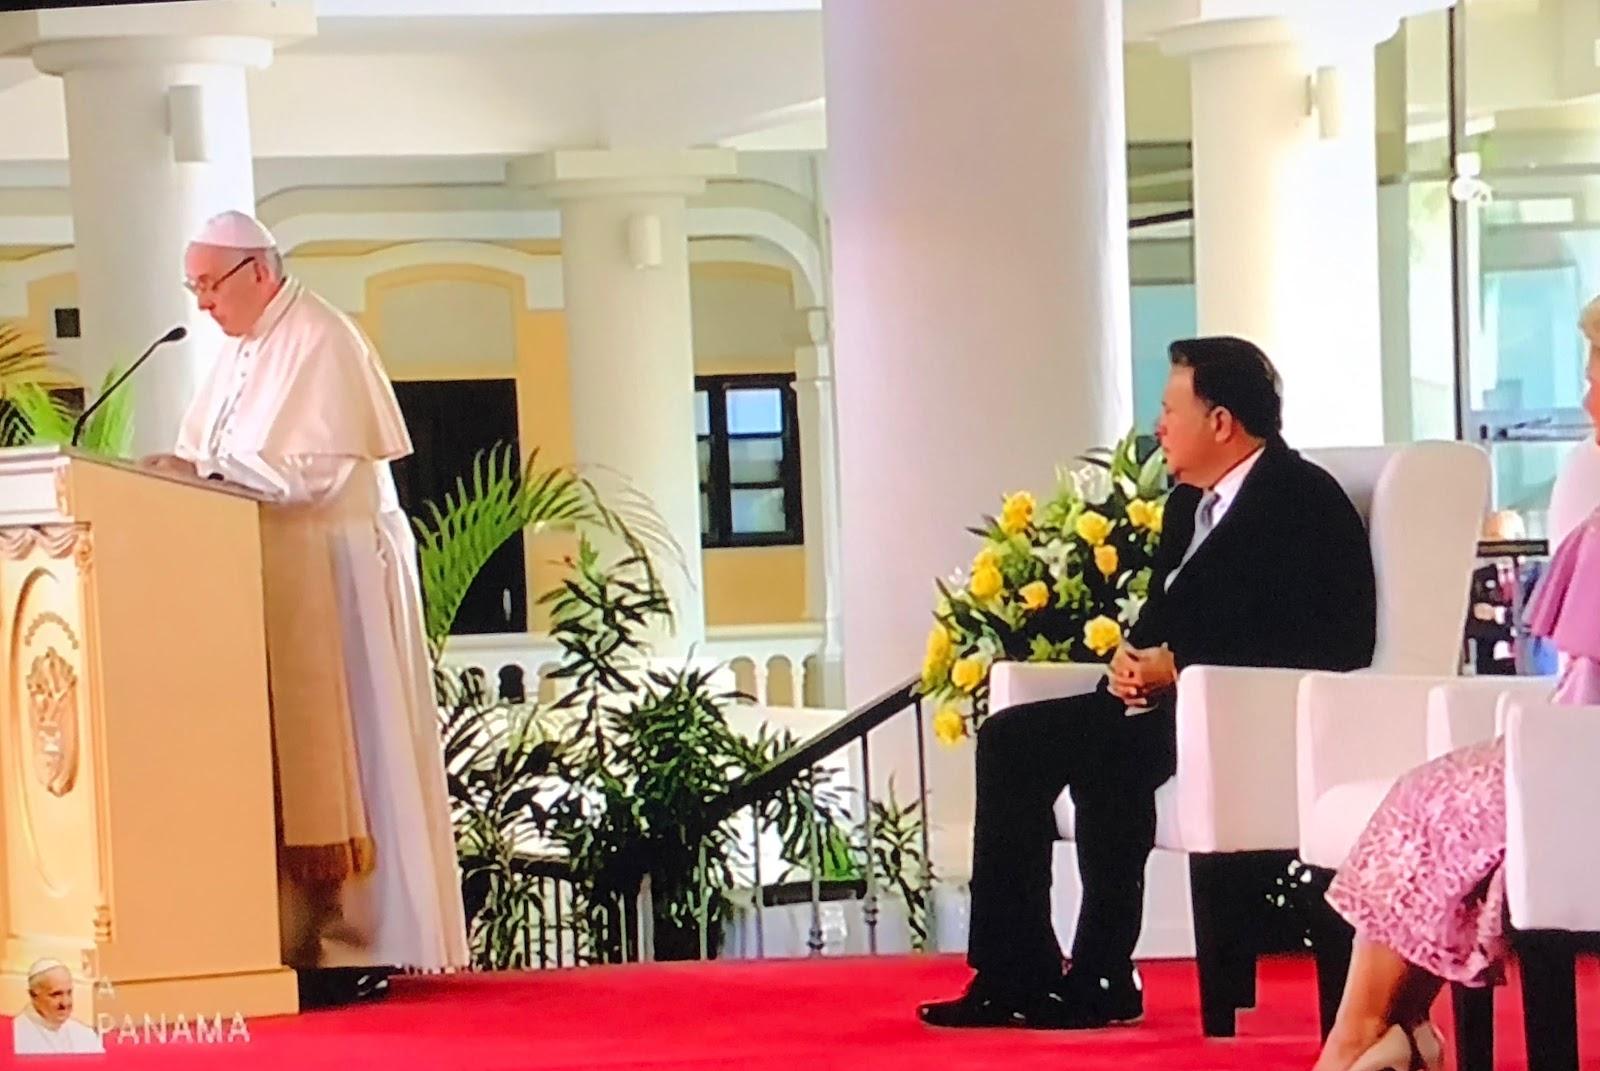 Diễn từ của Đức Thánh Cha Phanxico trước các giới chức Panama, Ngoại giao đoàn